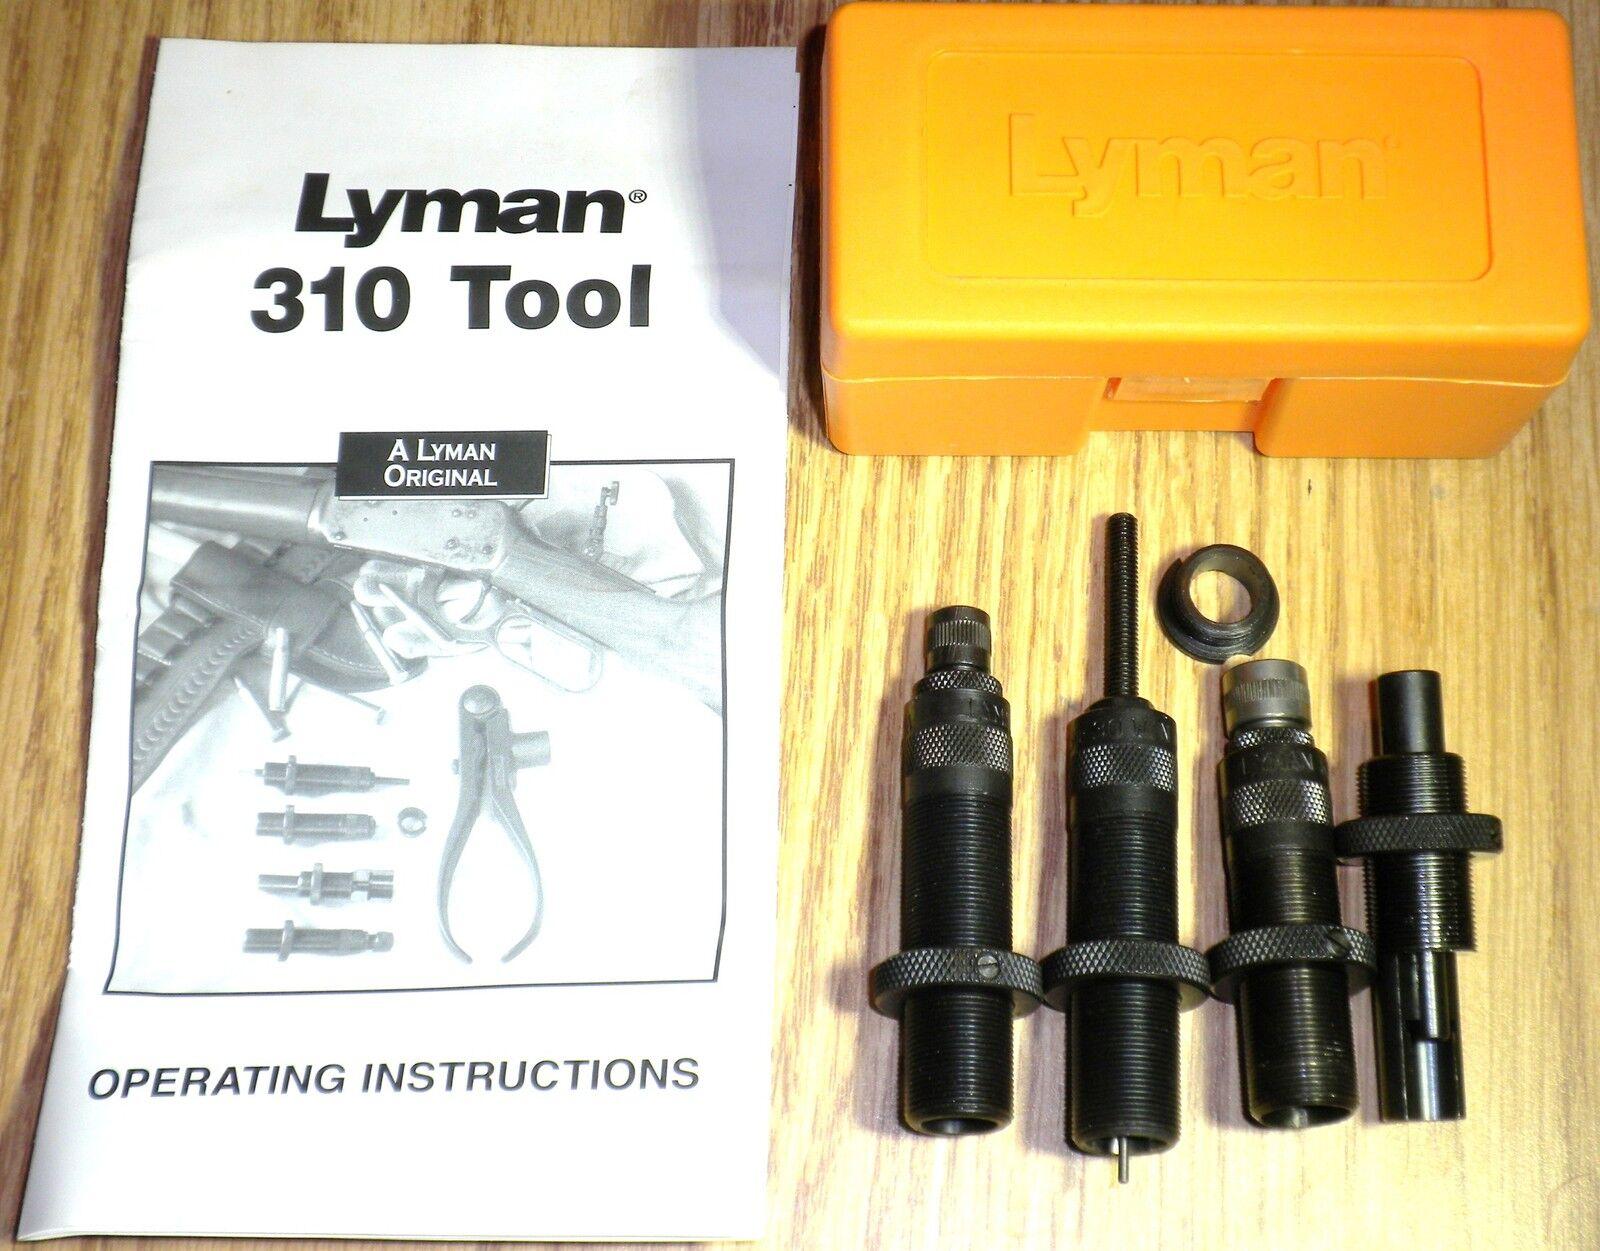 Lyman 310 Tool 4-Die Set 38-55 WCF (Large Handles RequiROT)      7020117    New